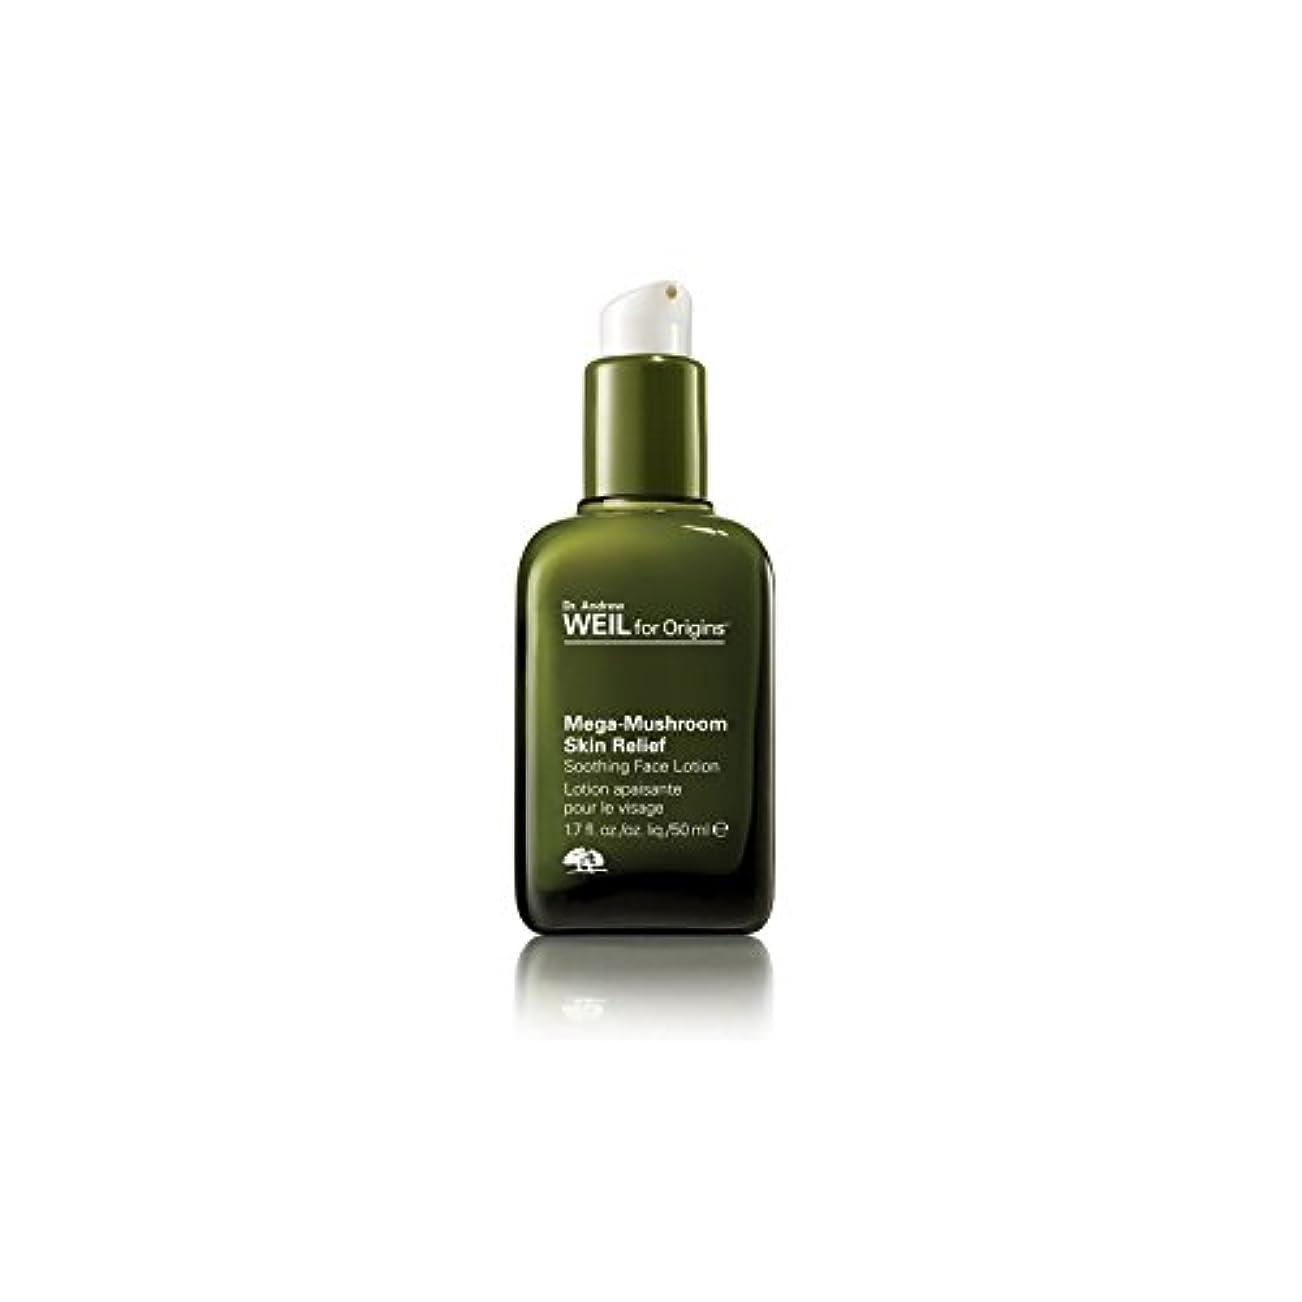 土地オゾン大使Origins Dr. Andrew Weil For Origins Mega-Mushroom Skin Relief Soothing Face Lotion 50ml - 起源アンドルー?ワイル起源メガキノコ皮膚緩和...